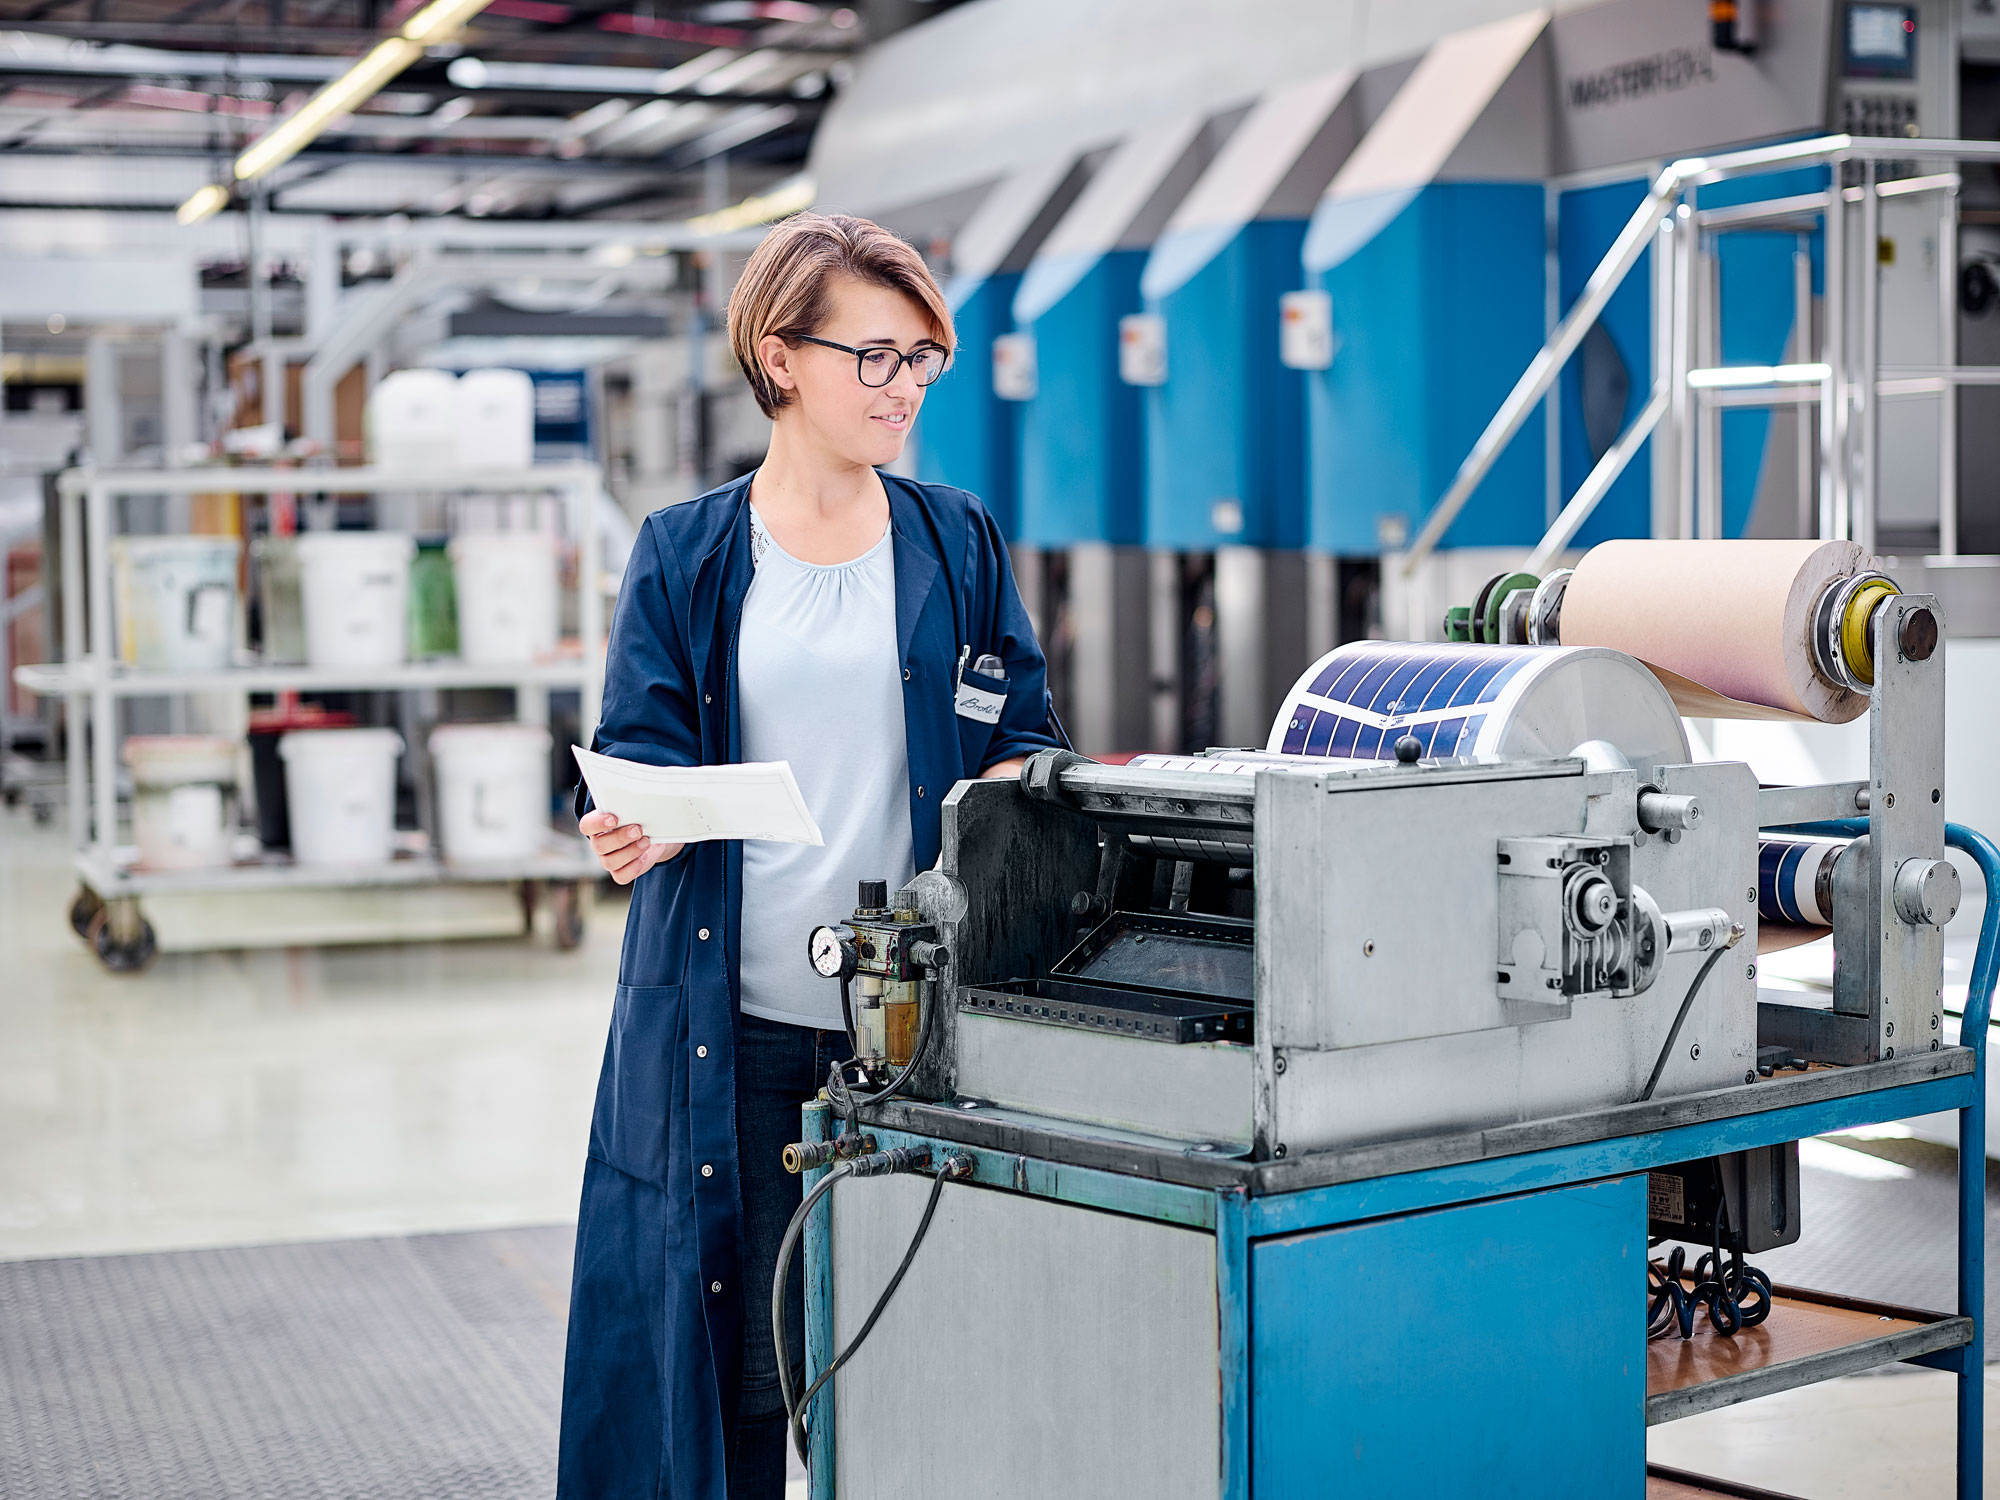 Mitarbeiterin prüft Farben für Flexodruck von Verpackungen aus Wellpappe